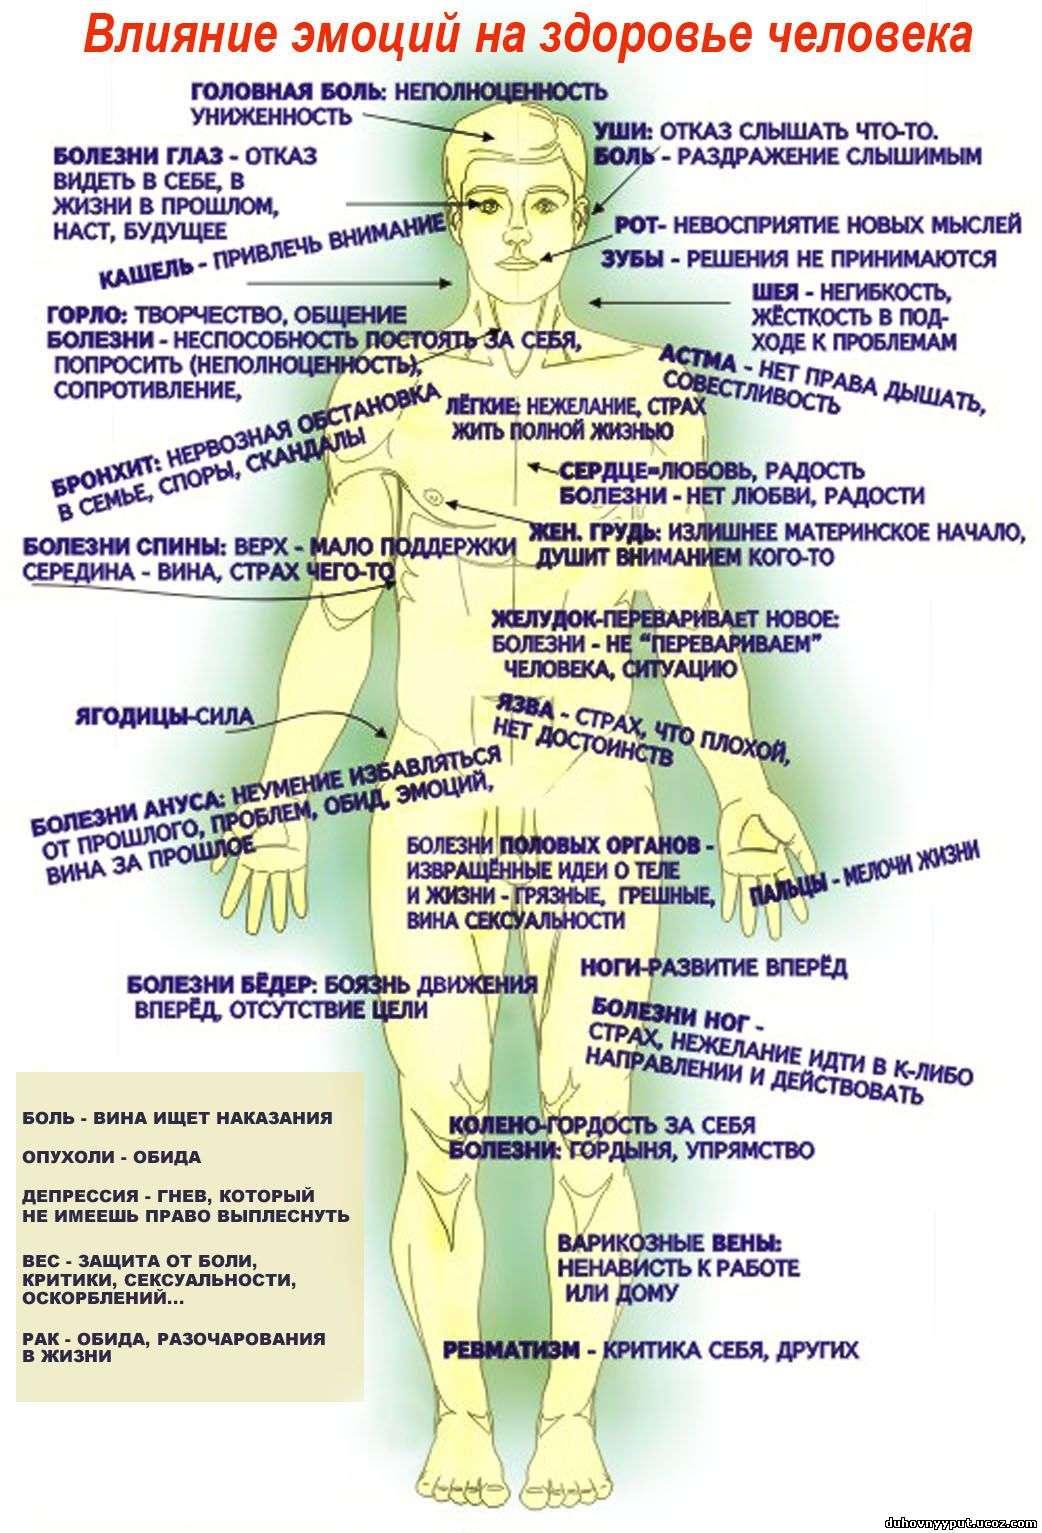 Влияние эмоции на здоровье органов наших тел